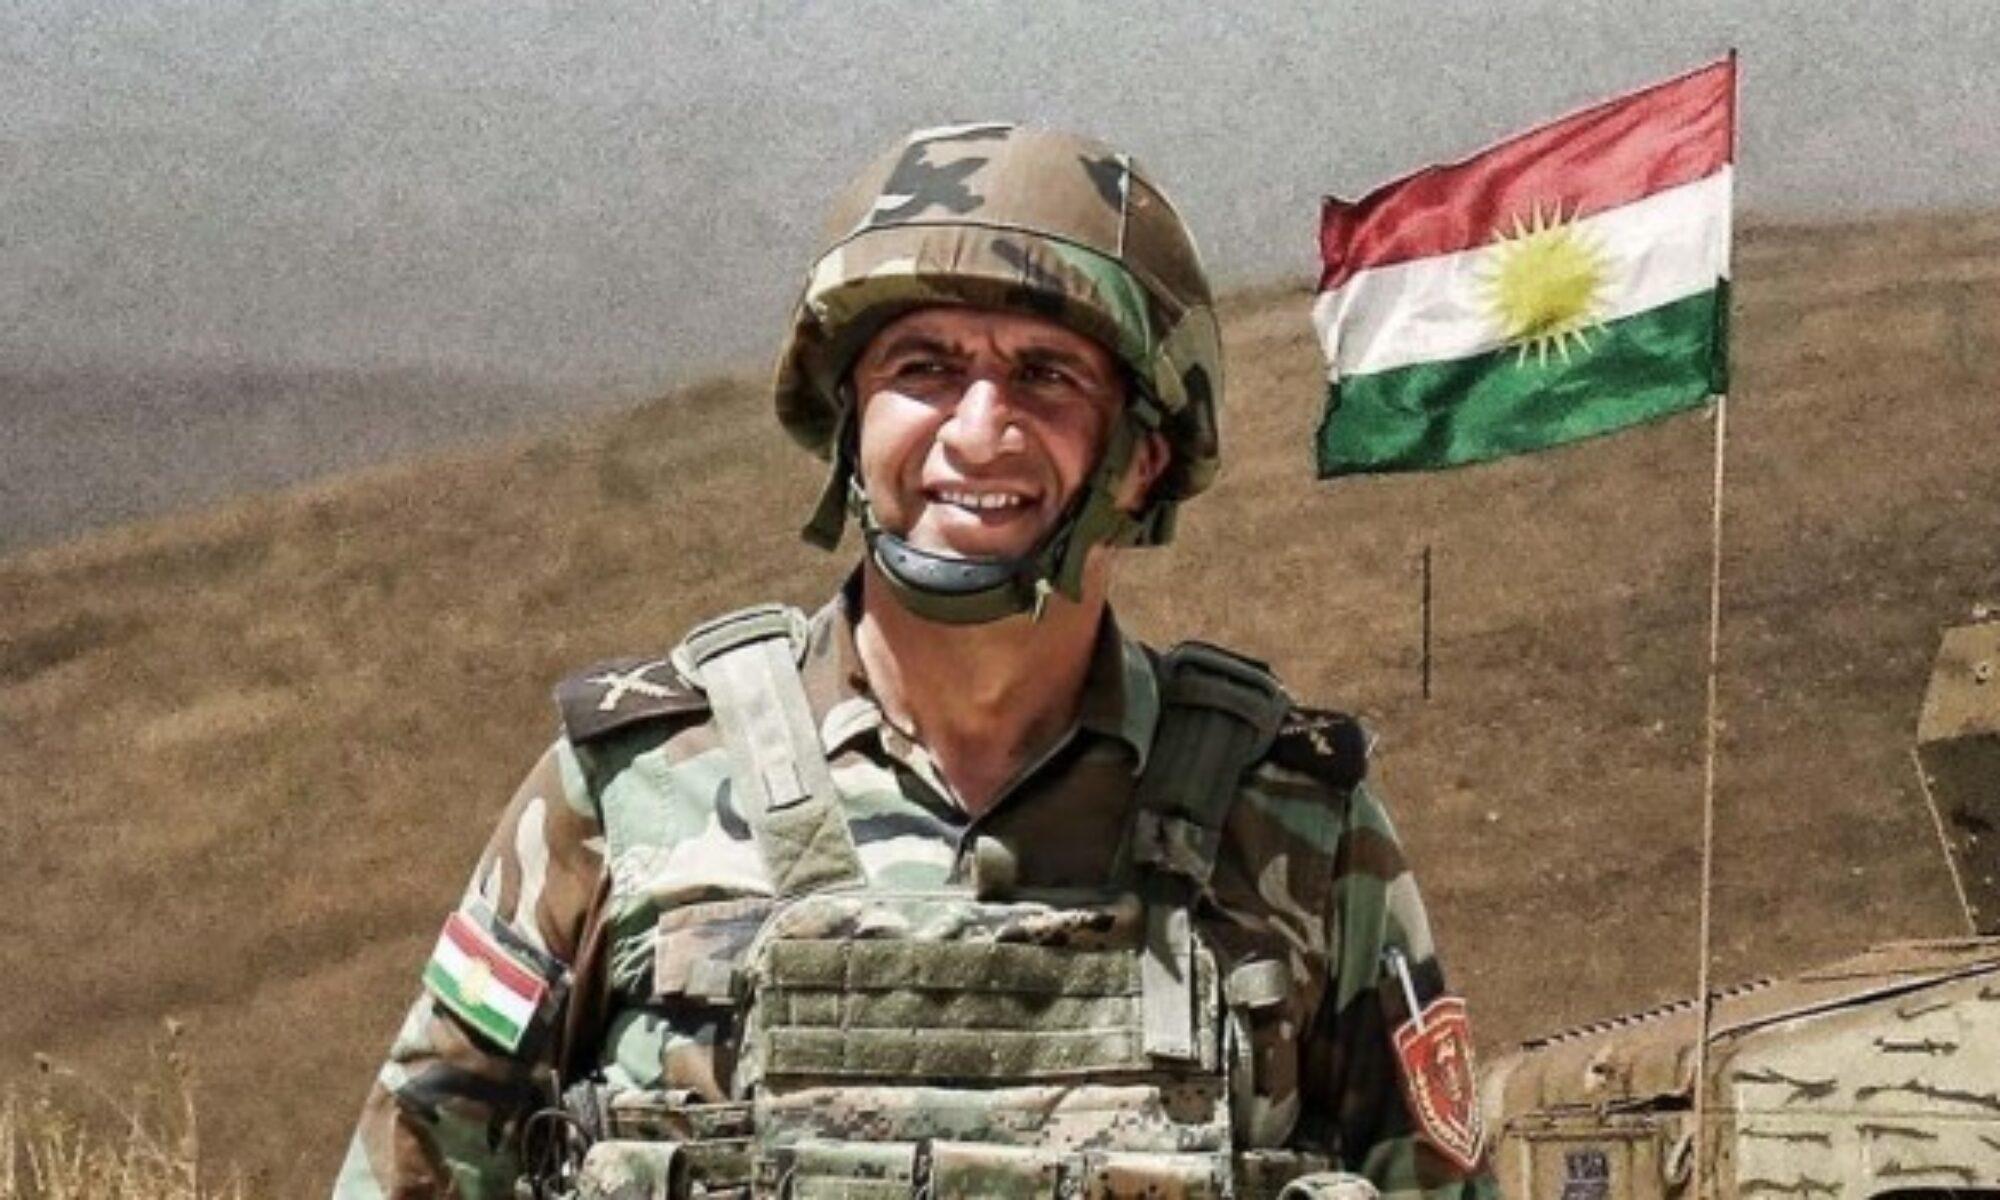 """Zerevanî Özel Güçler Komutanı Zertik dağında konuştu: """"PKK içerisindeki vatanperver grup engelleniyor"""""""